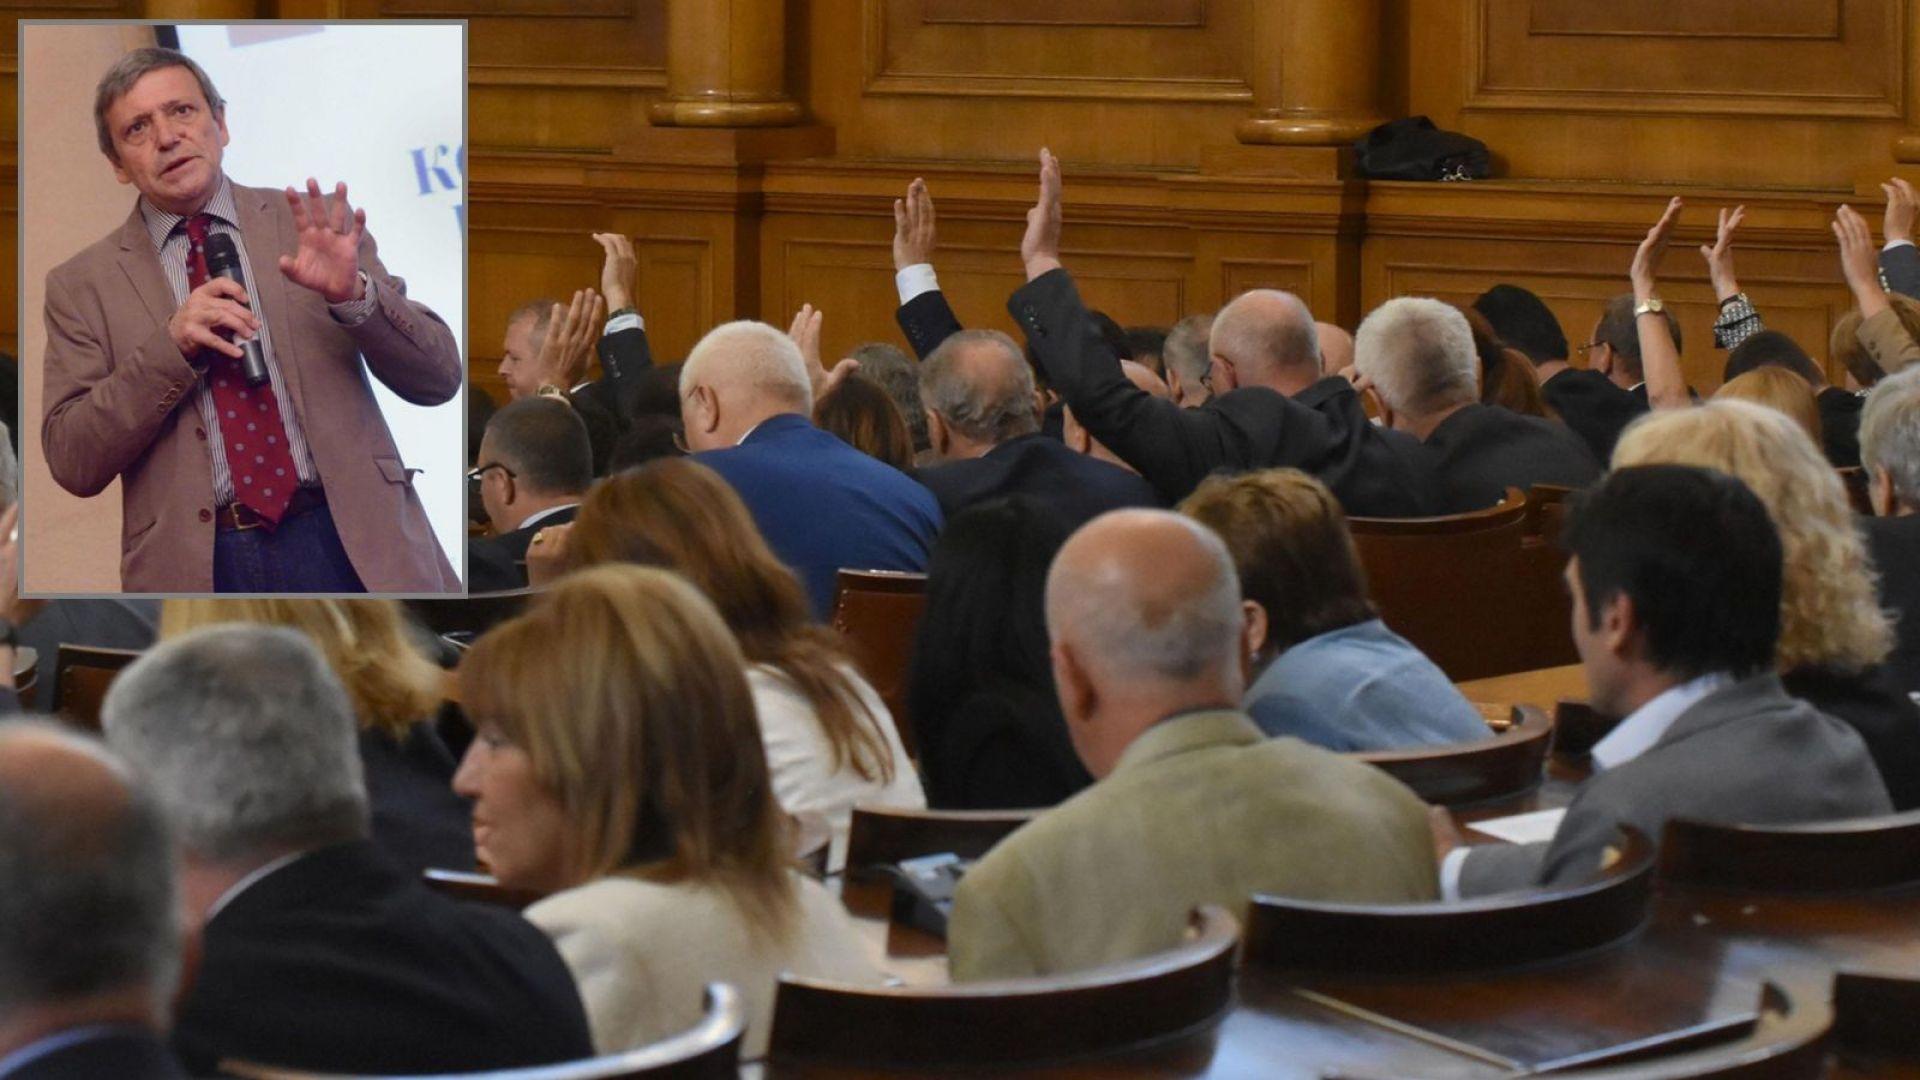 Красен Станчев с 5 аргумента срещу данъчните предложения на БСП и ДПС